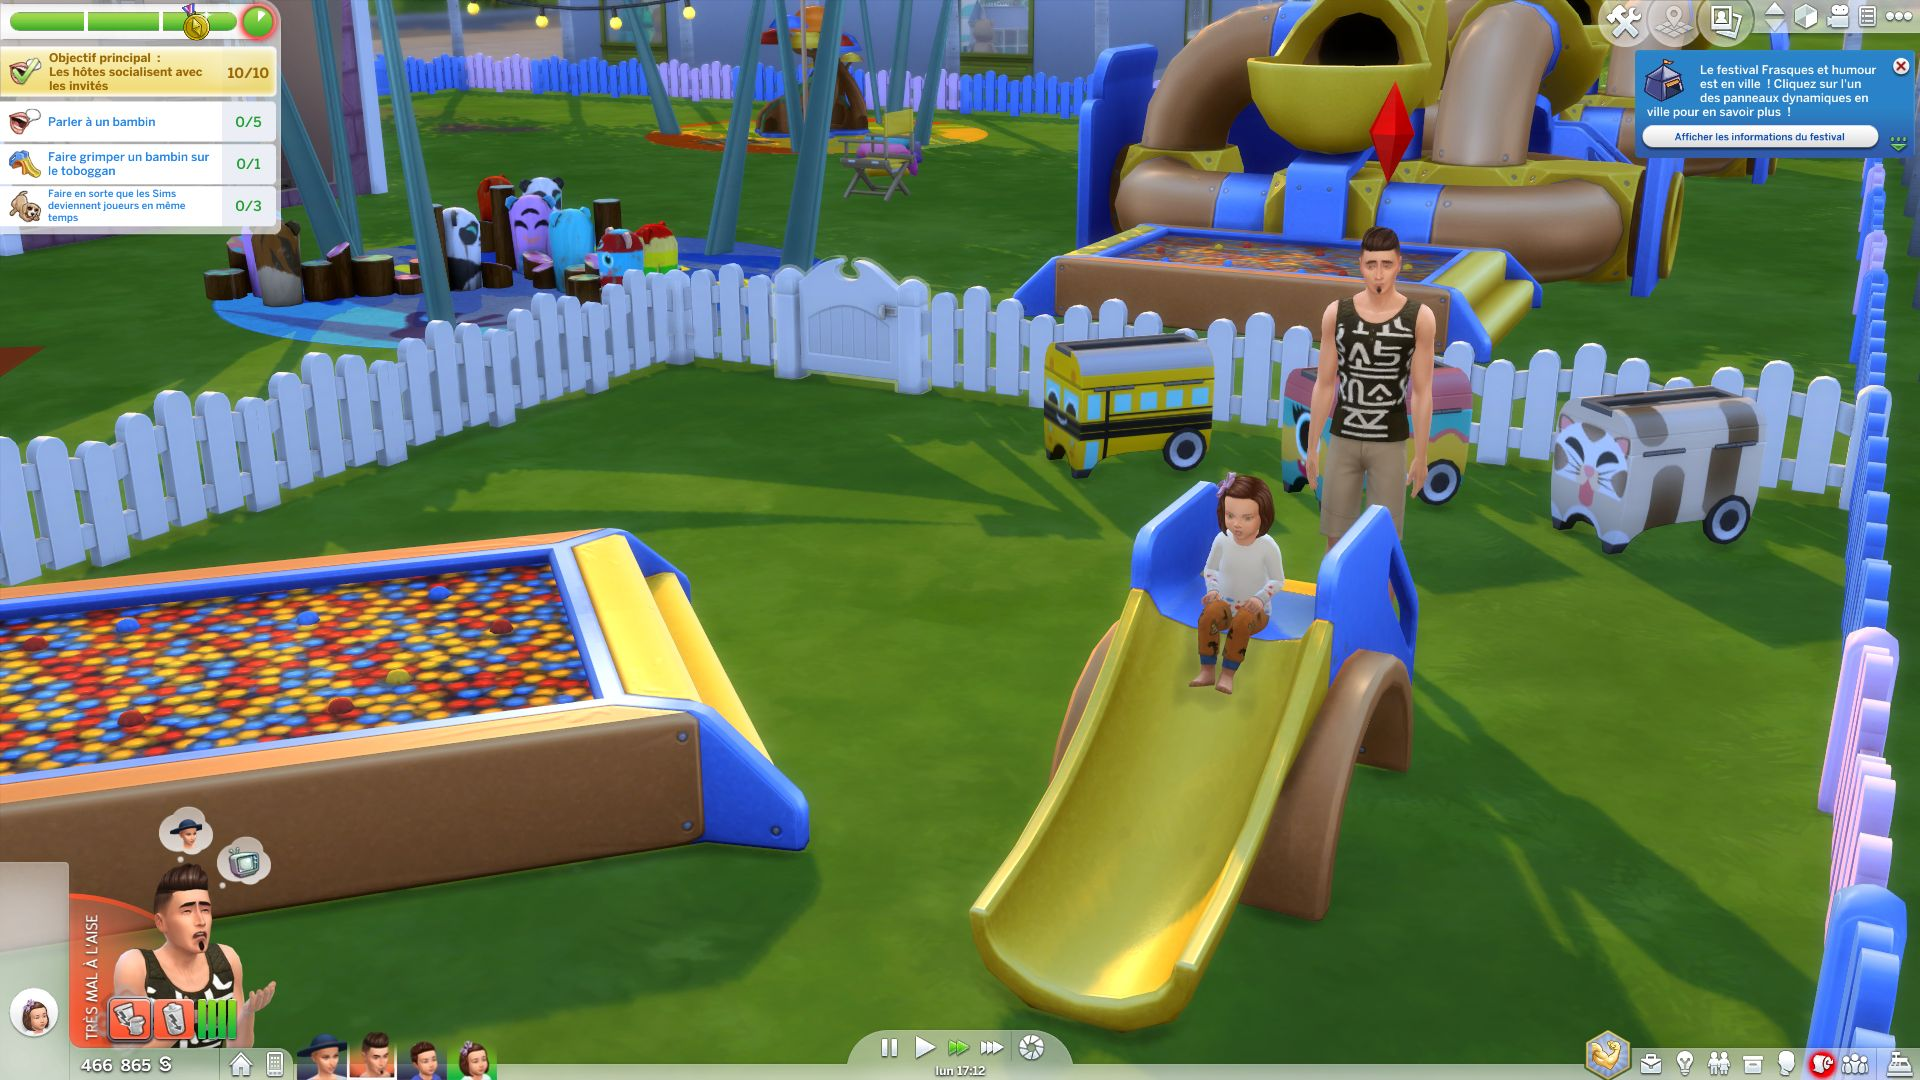 Jeu Sims 5 Pc Gratuit